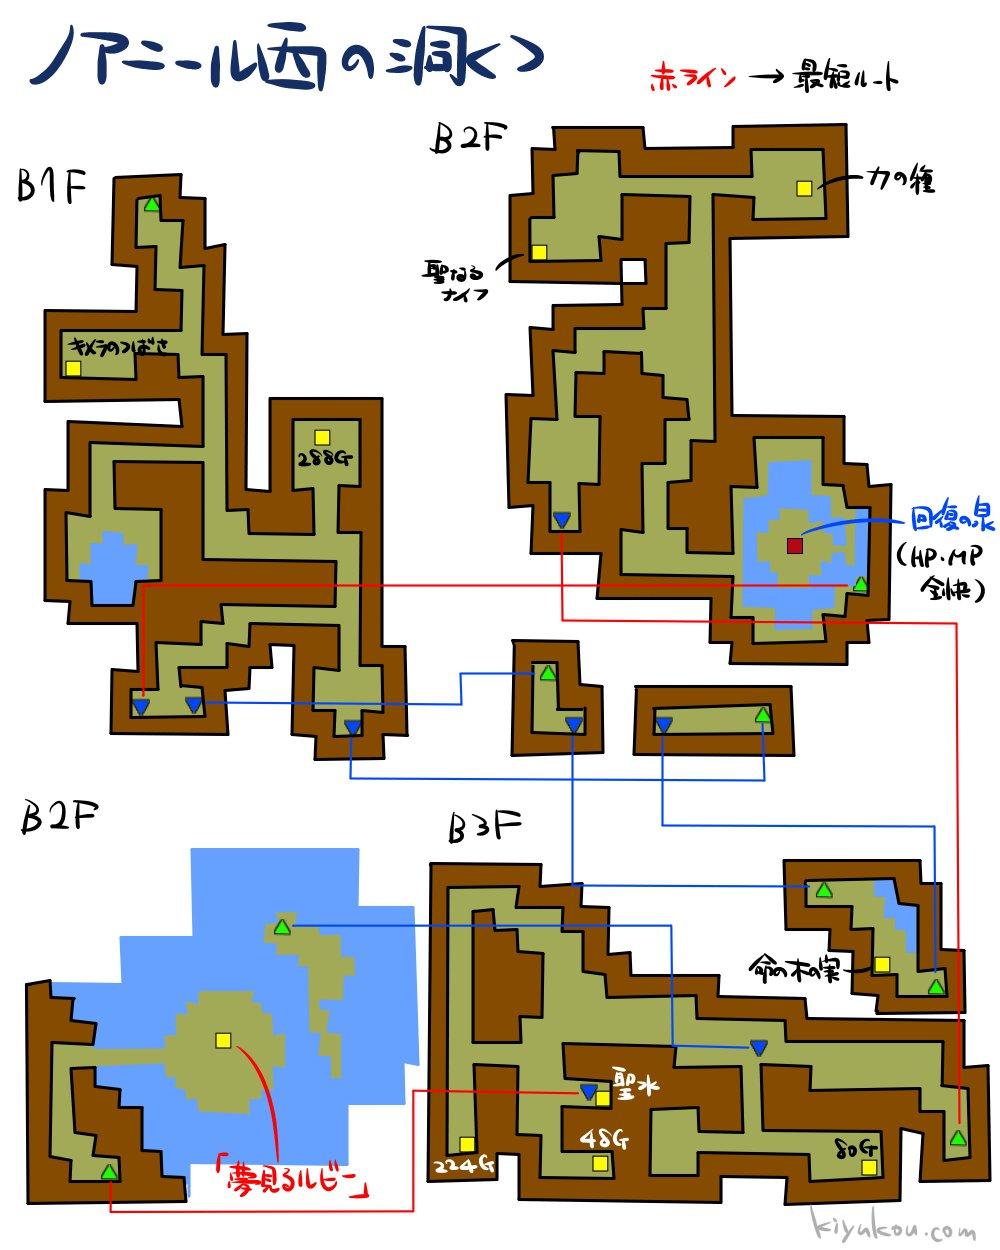 ドラゴンクエスト3のノアニールの西の洞窟のダンジョンマップ